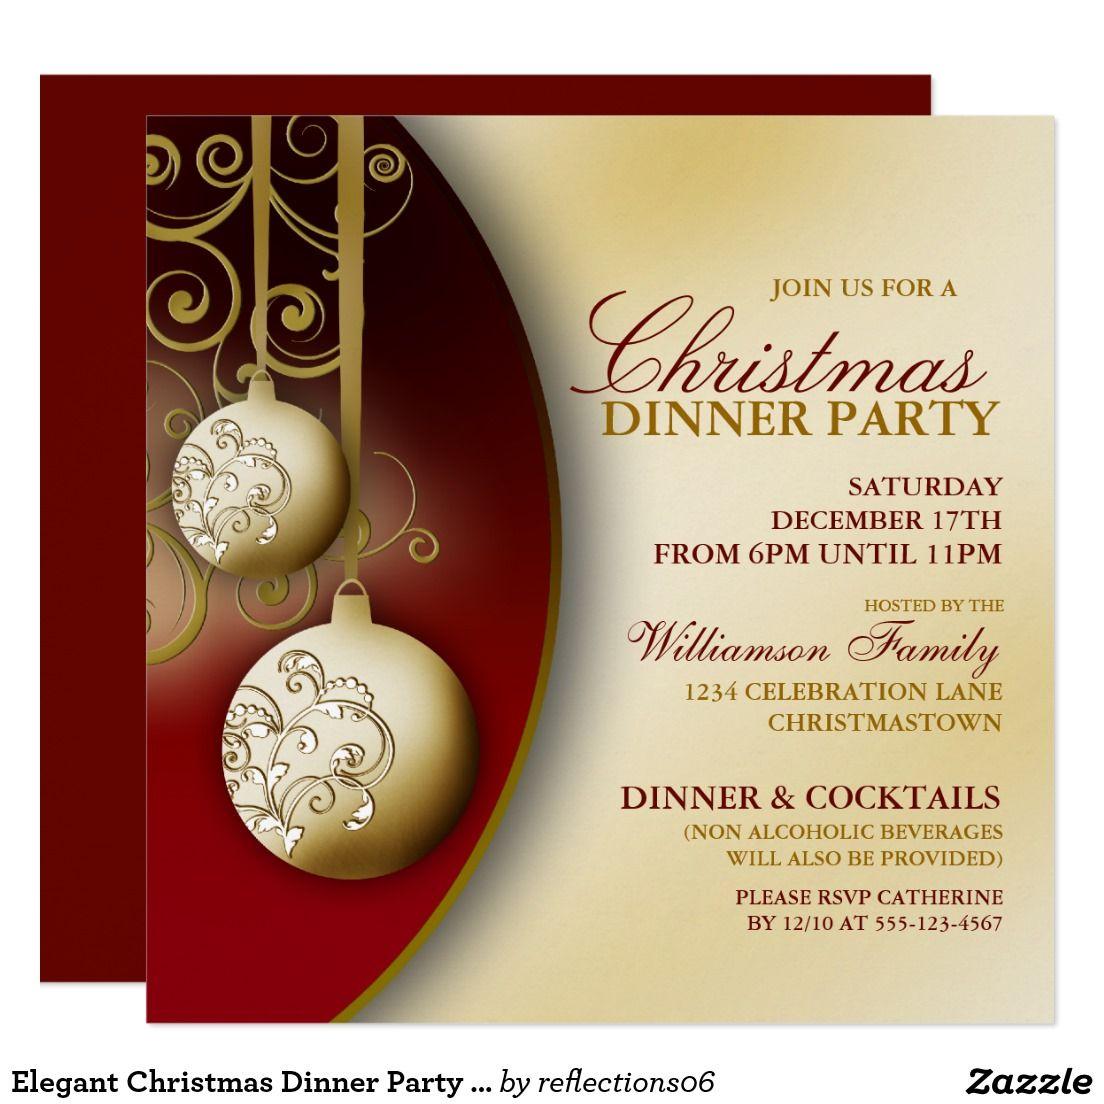 Elegant Christmas Dinner Party Invitation Dinner party